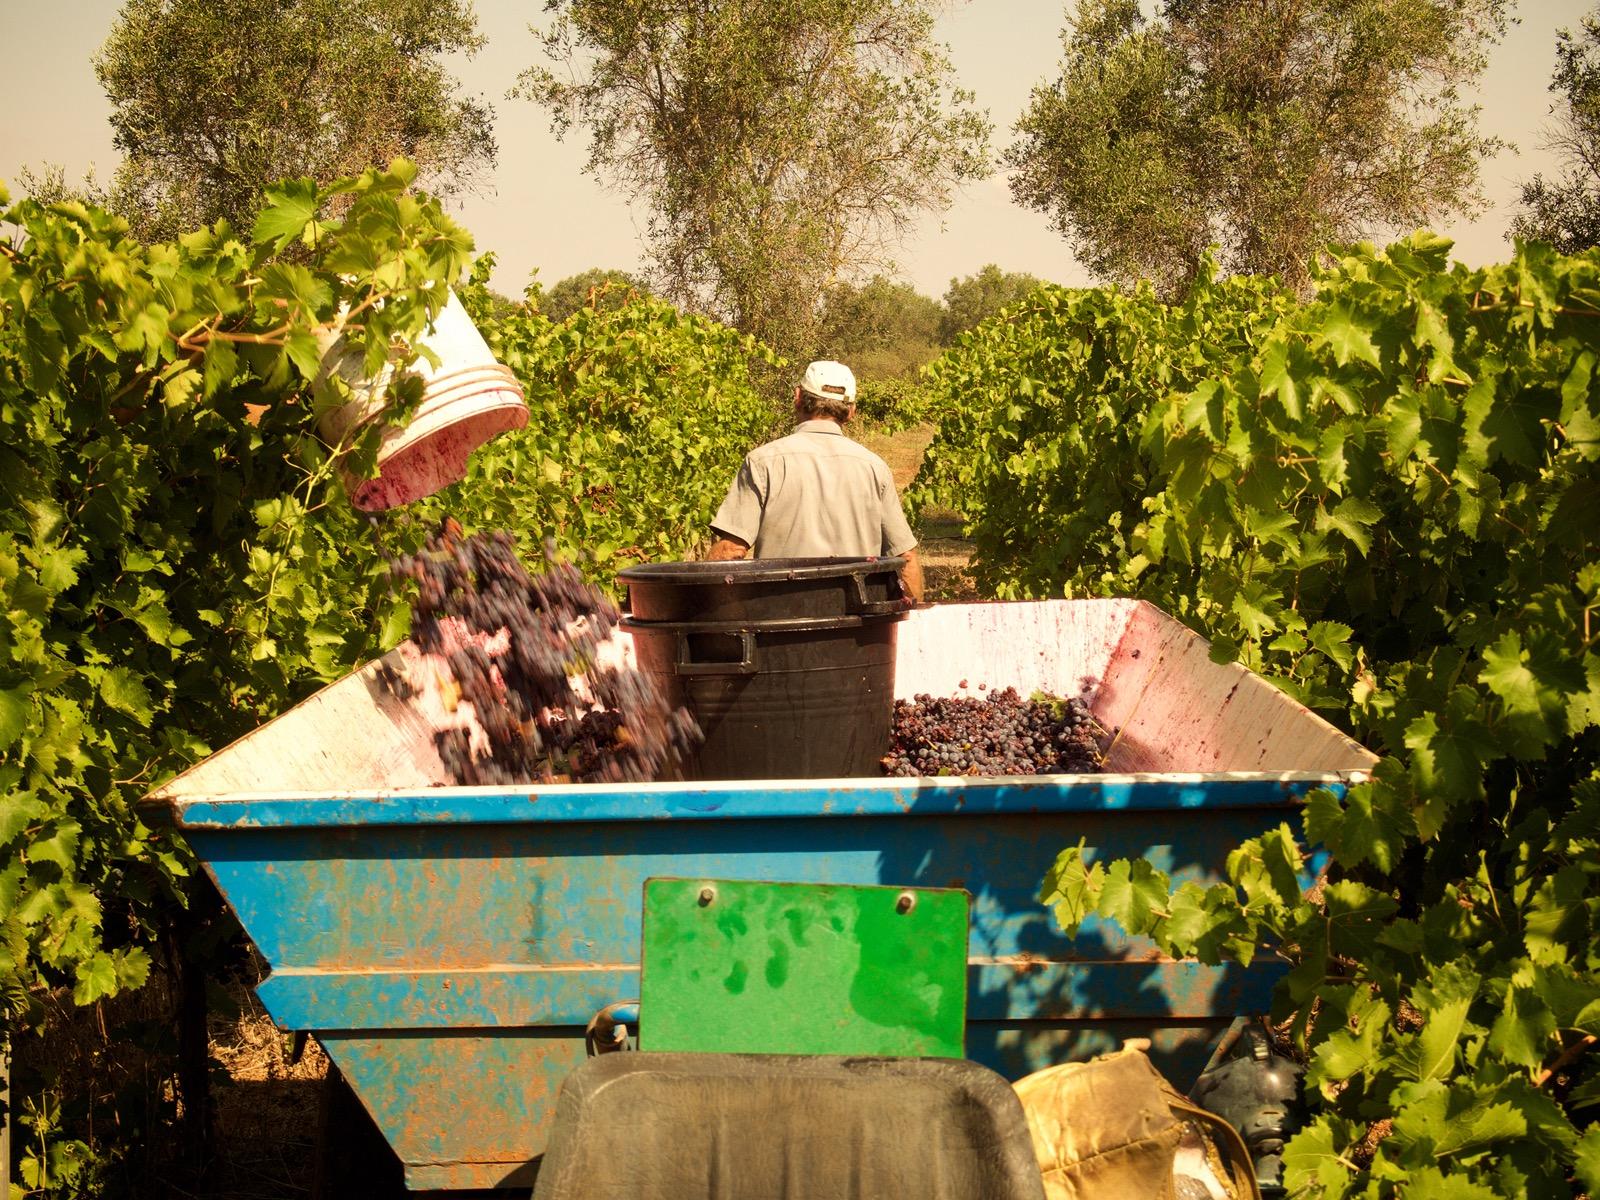 Vendemmia Vinoli 2015 - 15